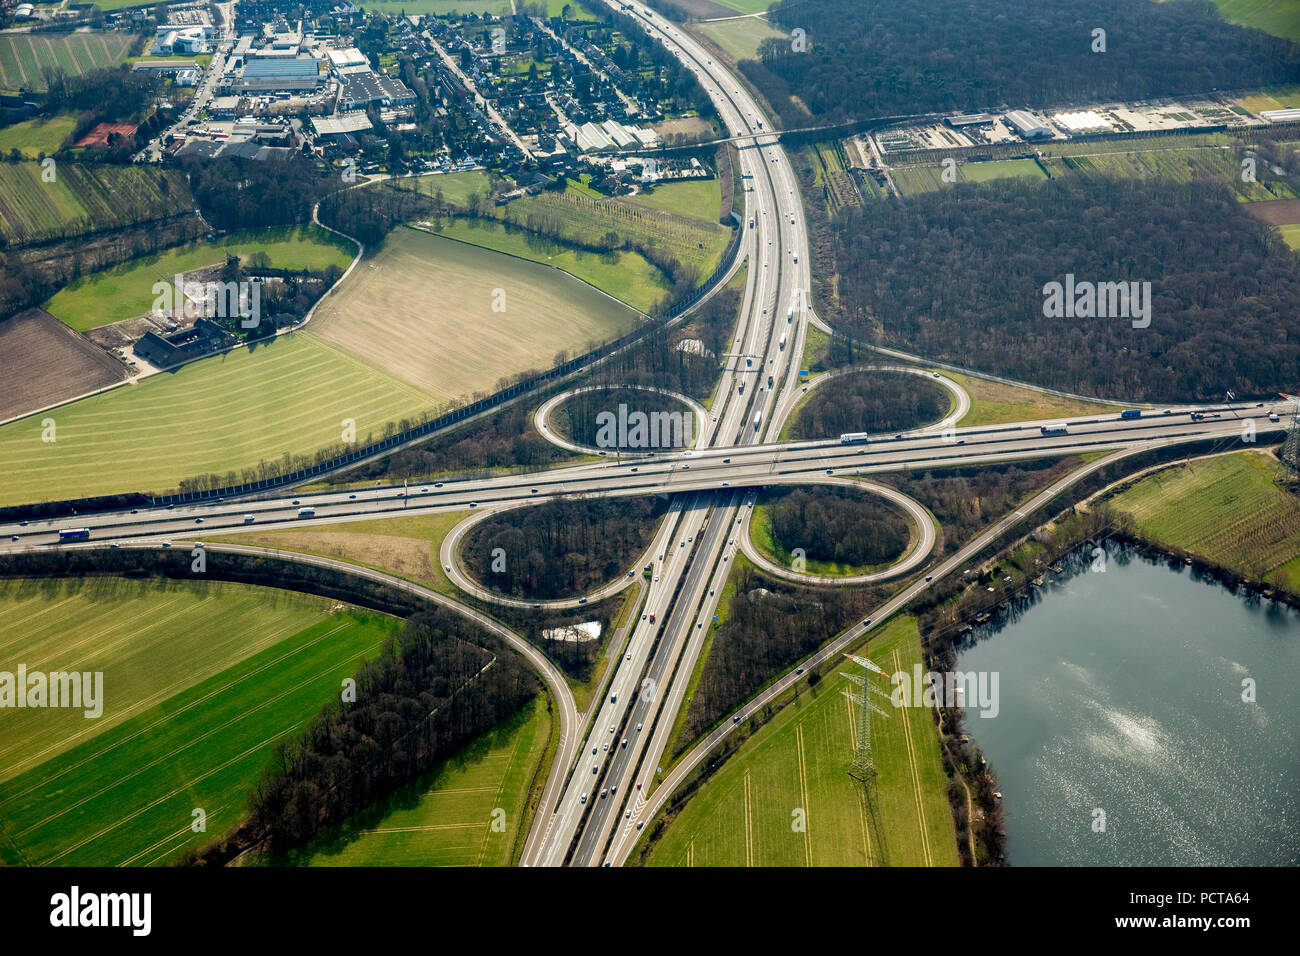 Aerial photo, Meerbusch Autobahnkreuz interchange, A44 and A57 Autobahnen (motorways), Meerbusch, Rhineland - Stock Image